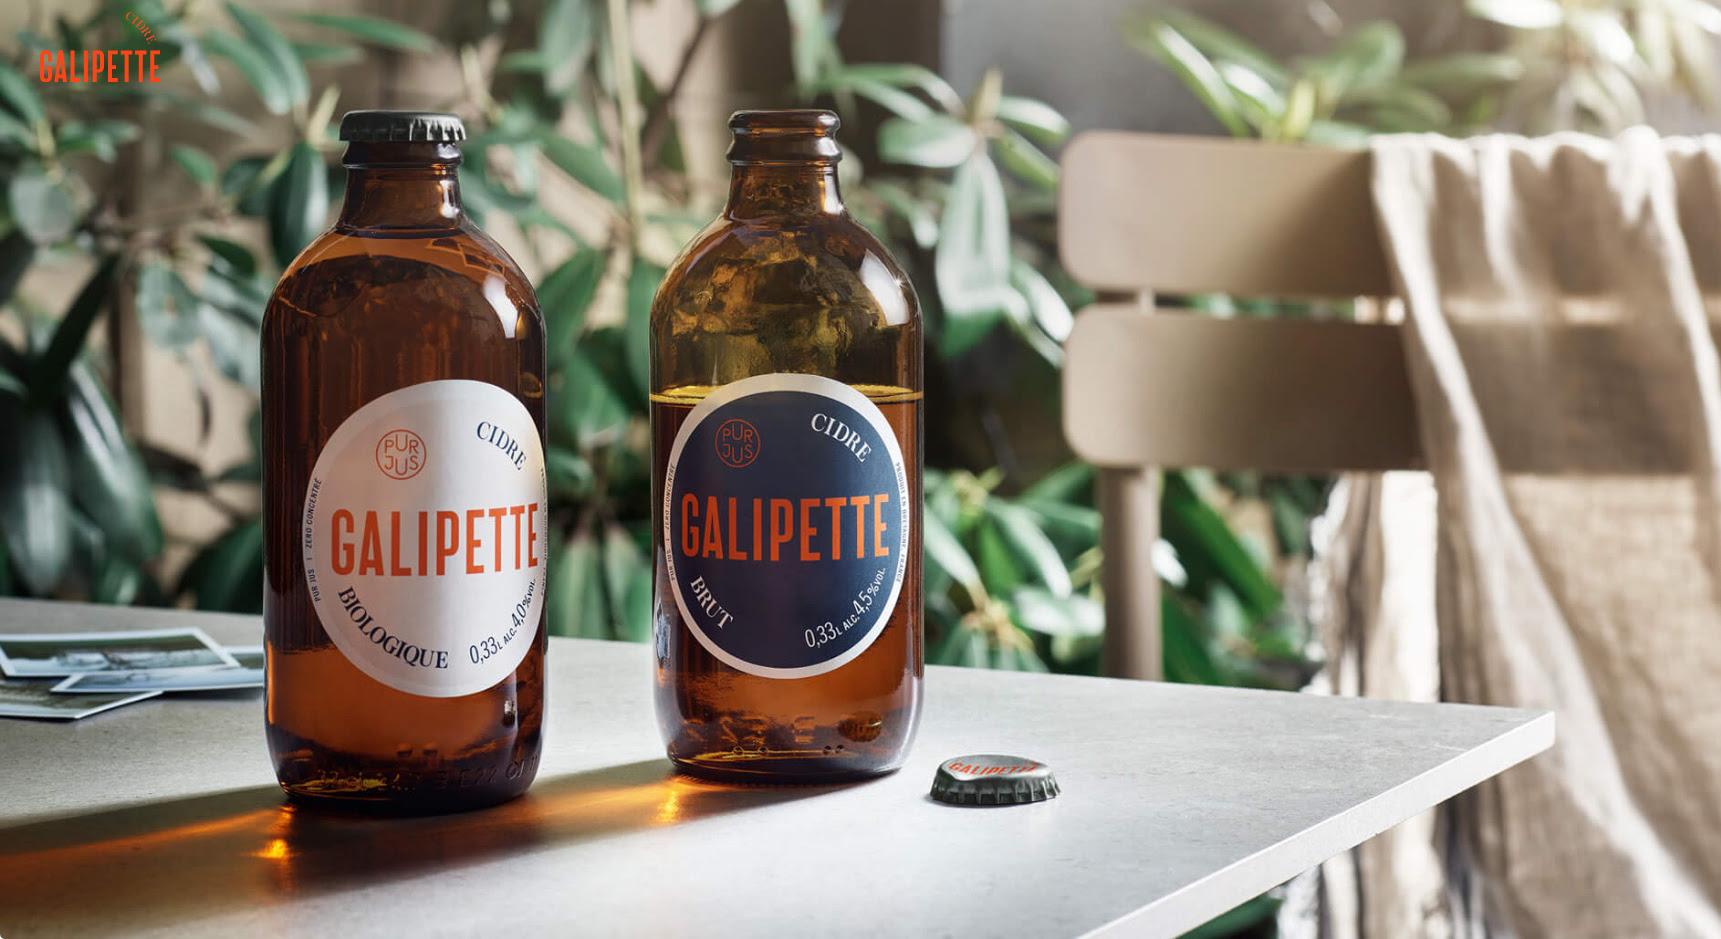 image of Galipette Cidre Brut and Galipette Cidre Biologique courtesy of Galipette Cidre